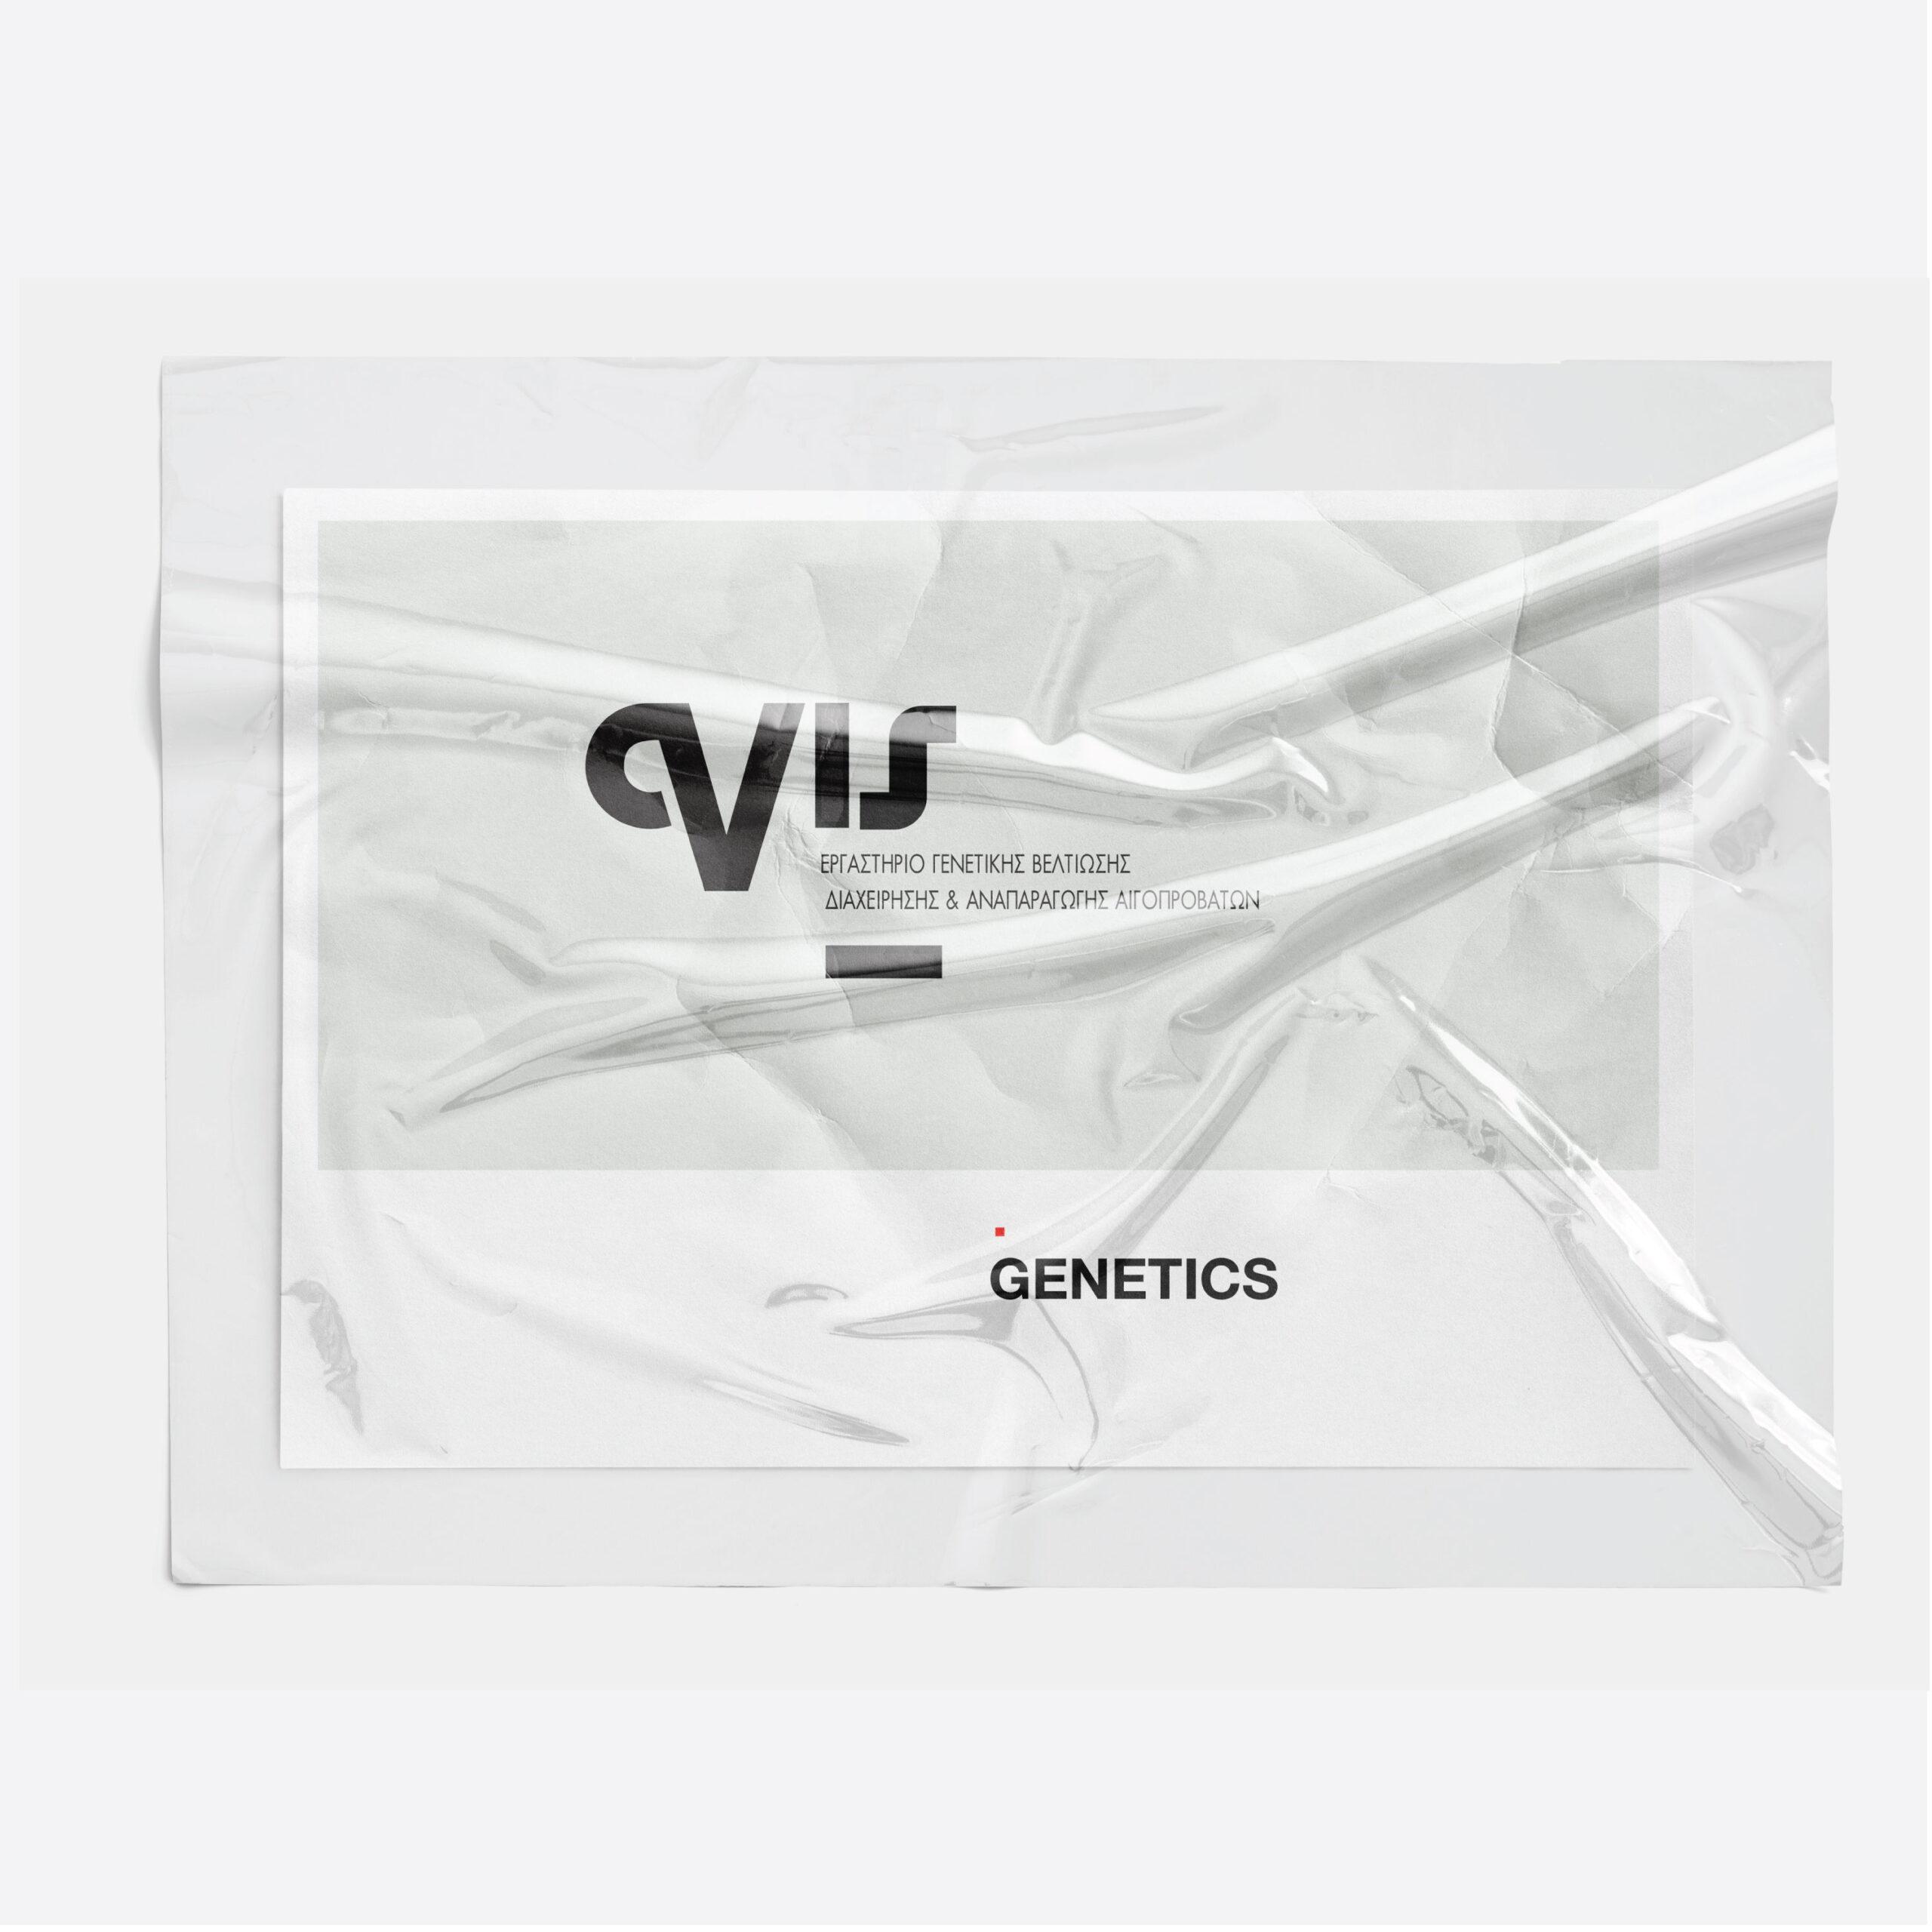 Ovis Genetics